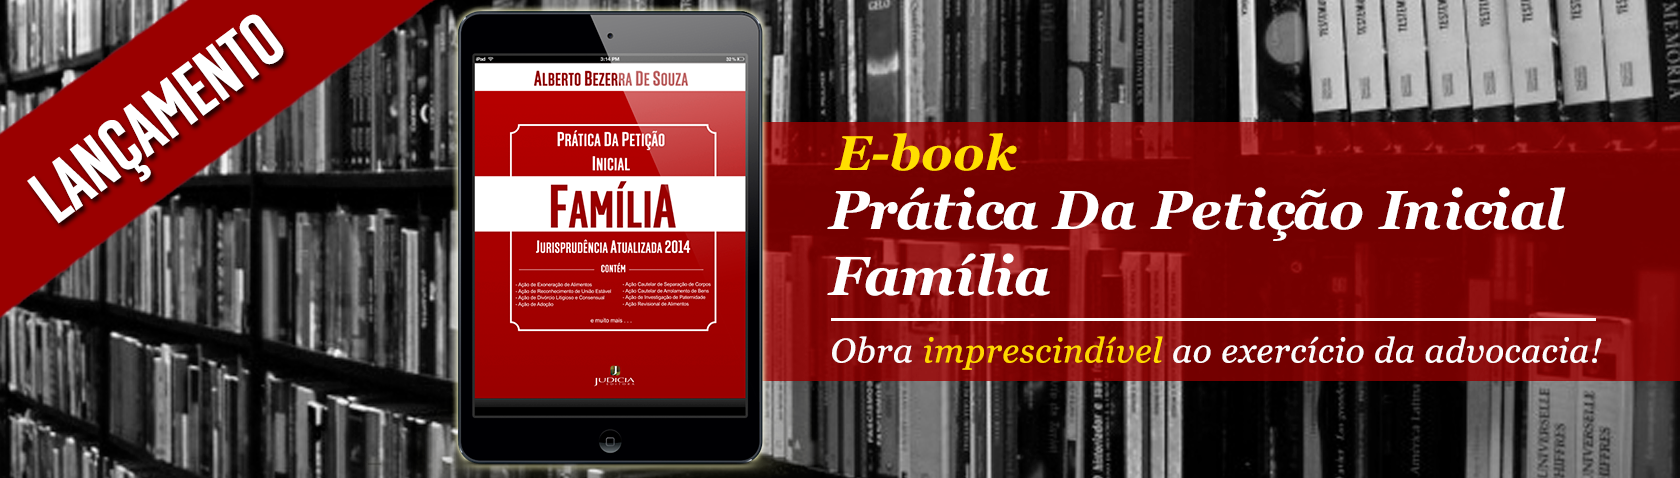 banner_lancamento_e-book_familia